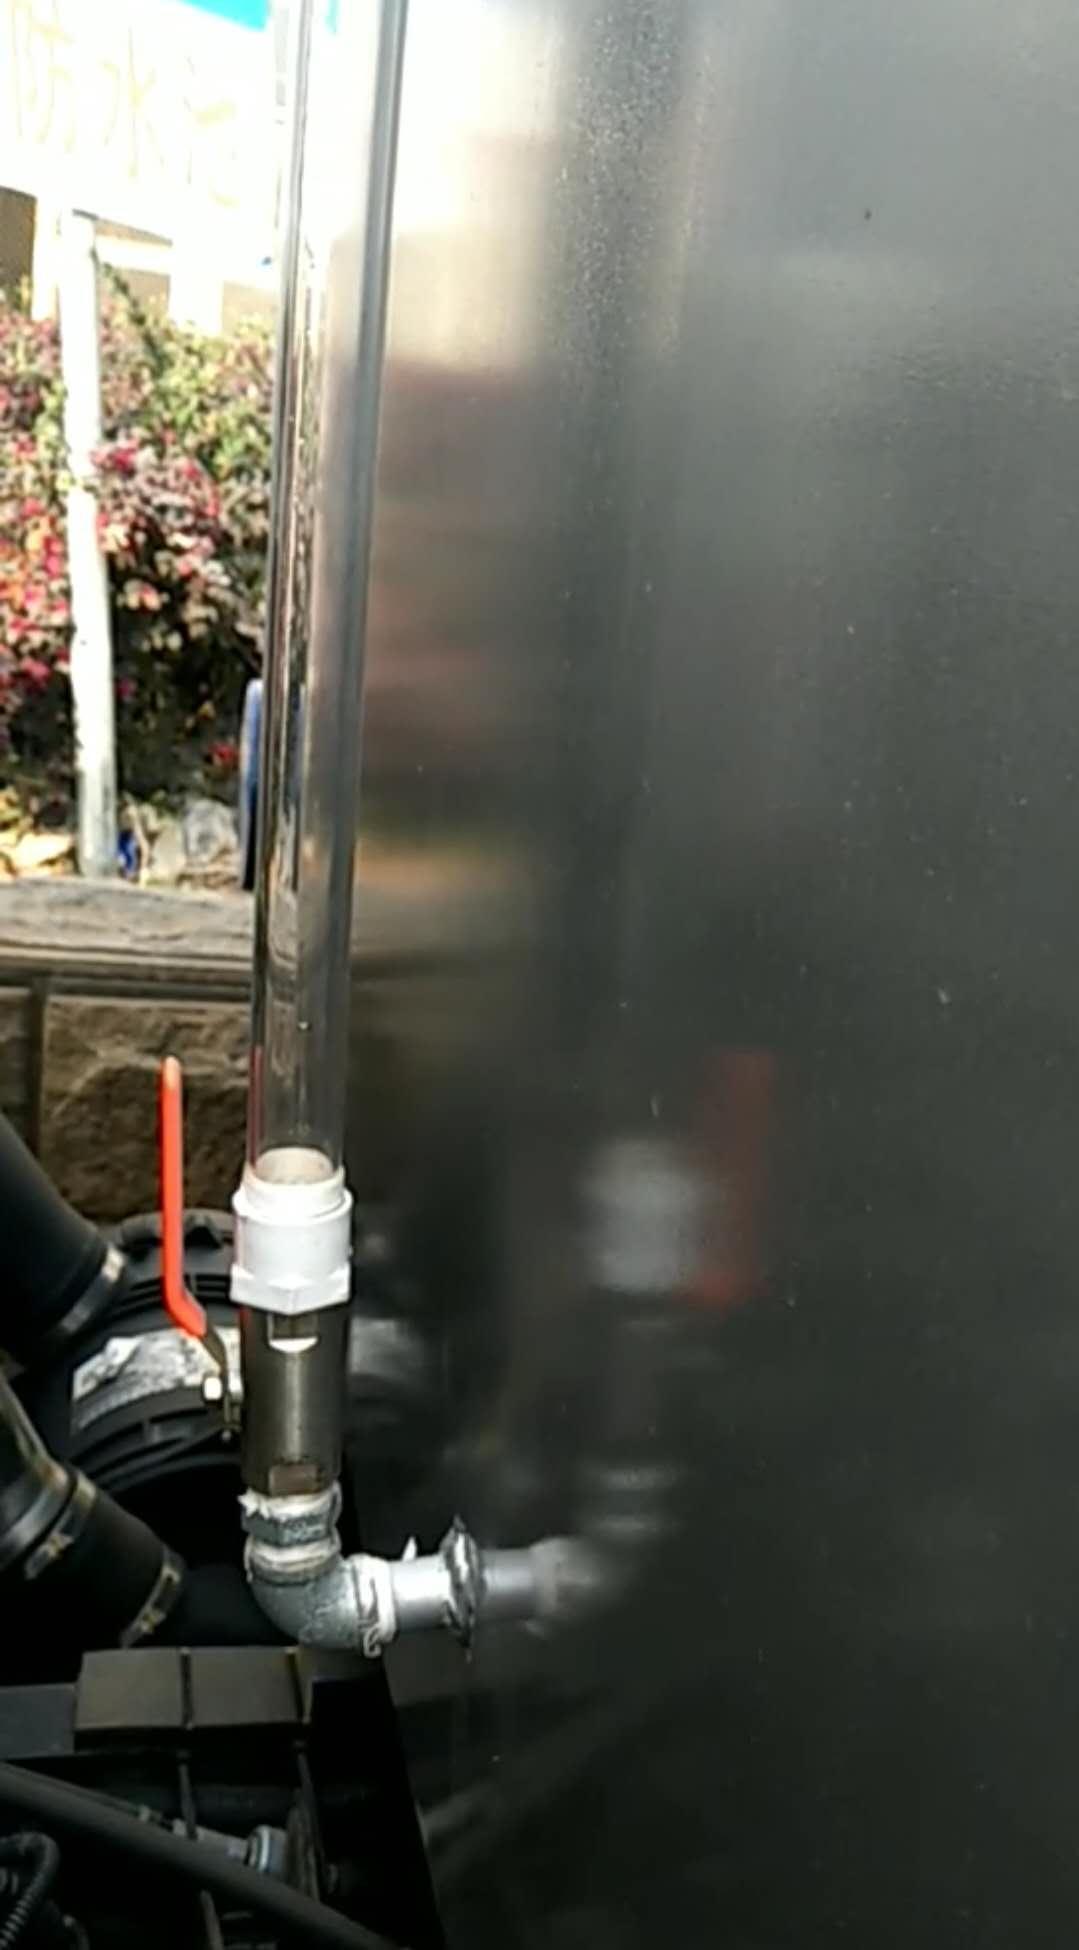 雾炮车洒水车使用流程操作视频1-6(4)观察洒水车进水量视管情况视频